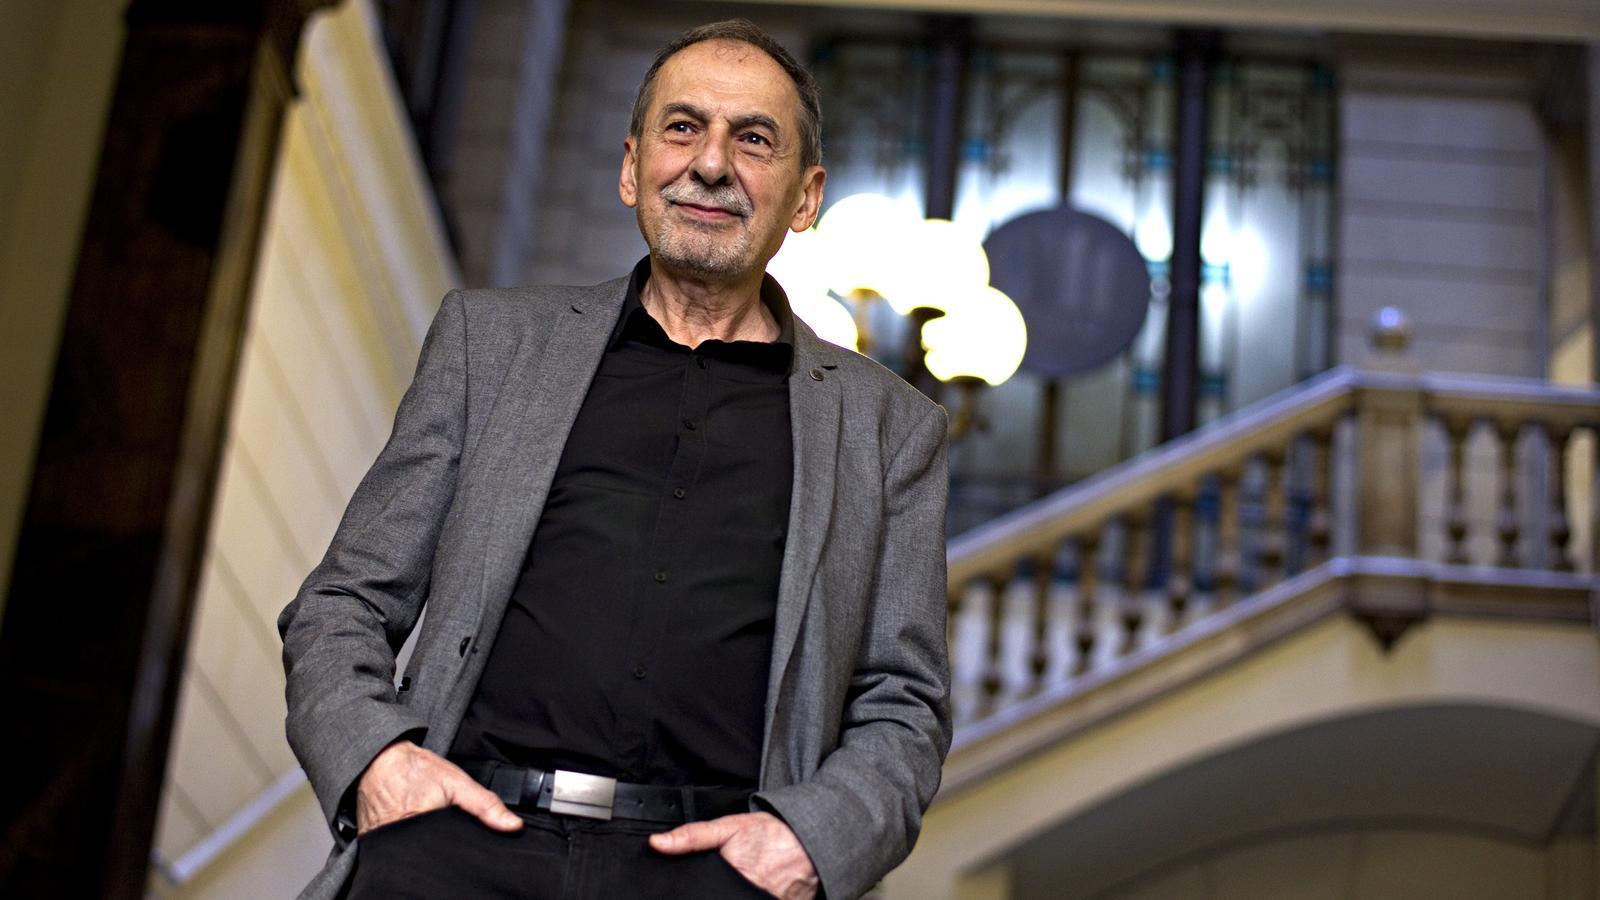 Mor el dramaturg Josep Maria Benet i Jornet, gran renovador del teatre català